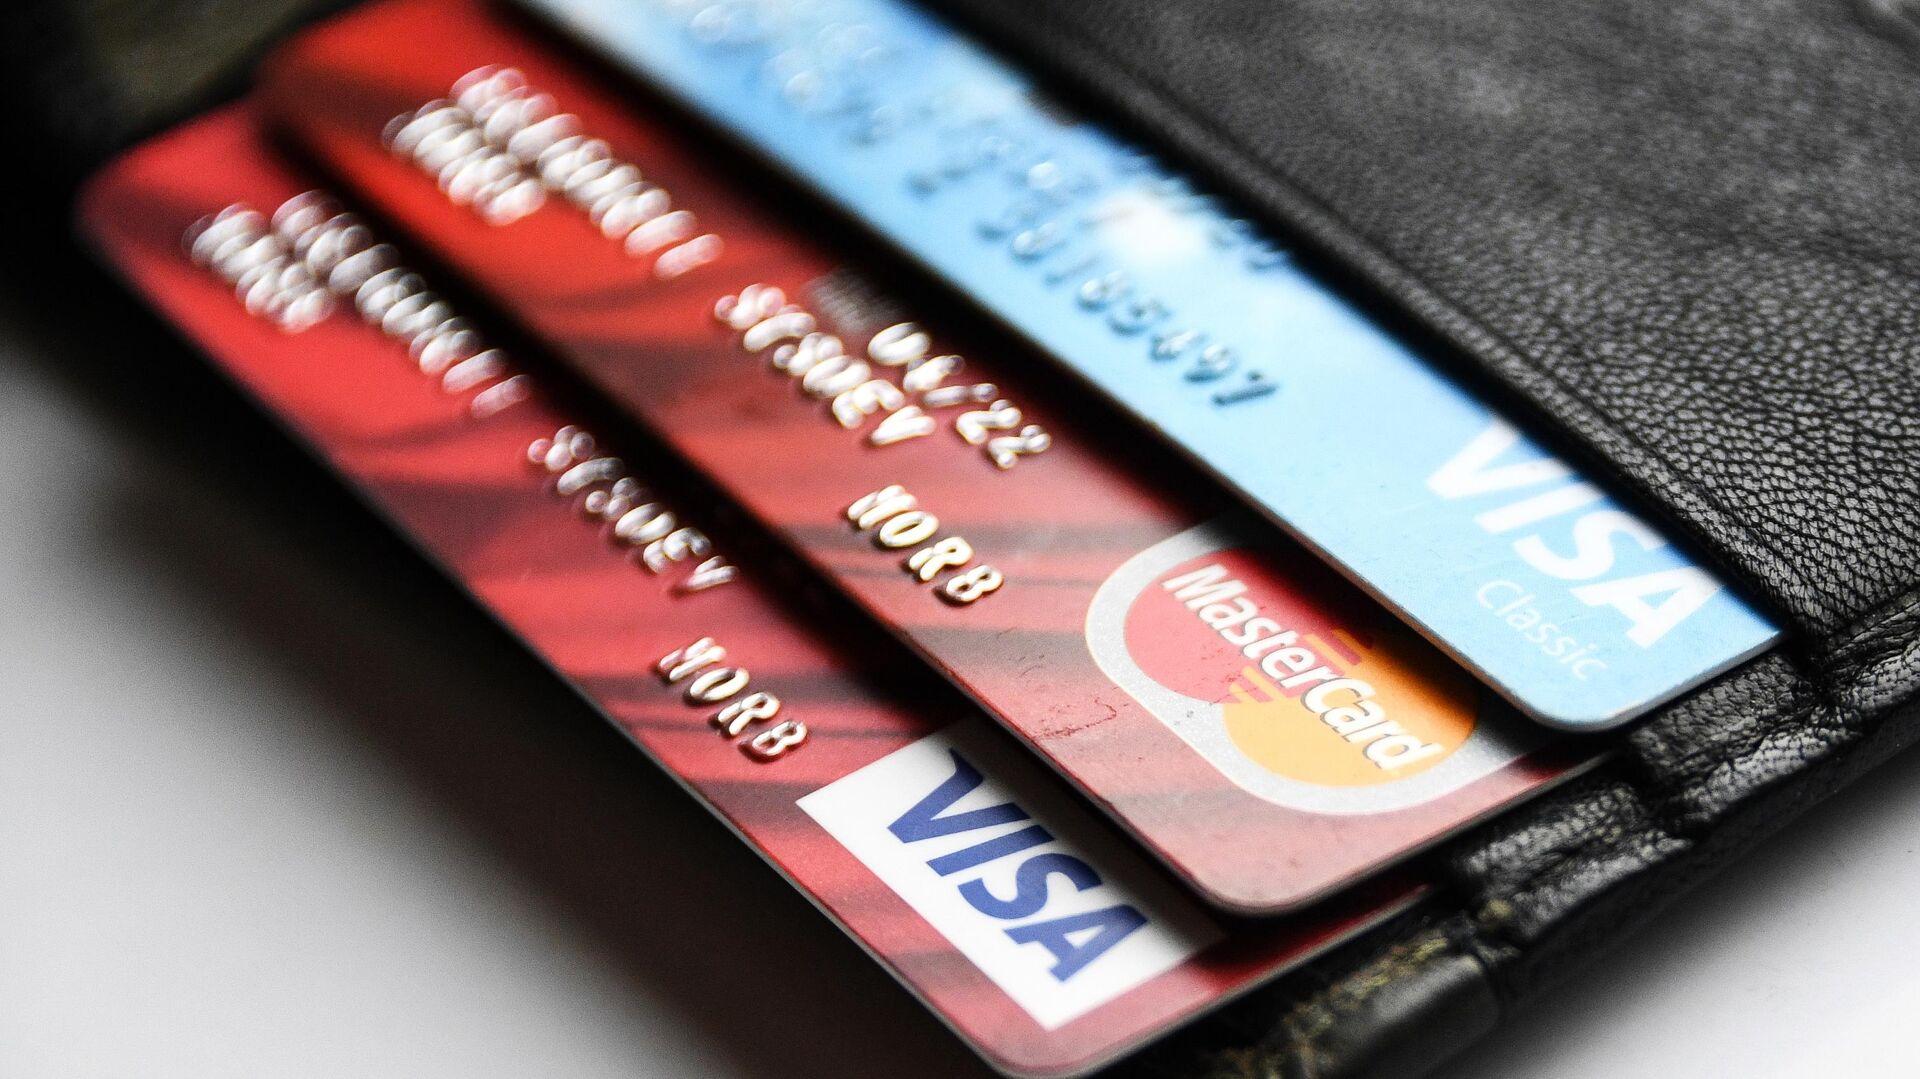 Эксперты выяснили, по каким критериям россияне выбирают банковские карты